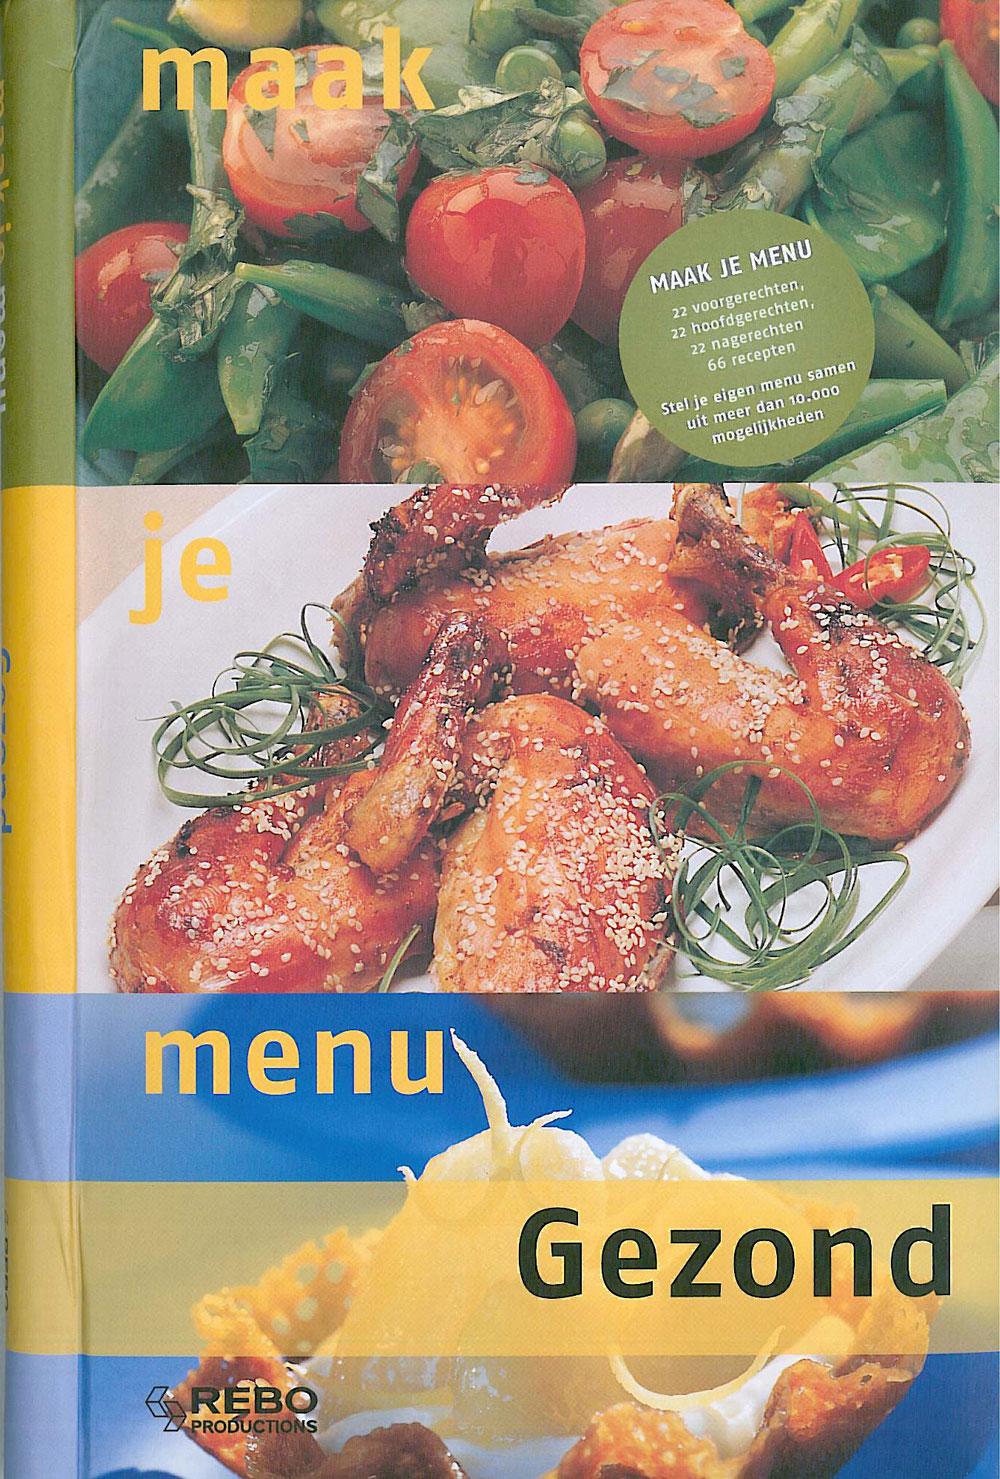 Gezond - Maak je menu